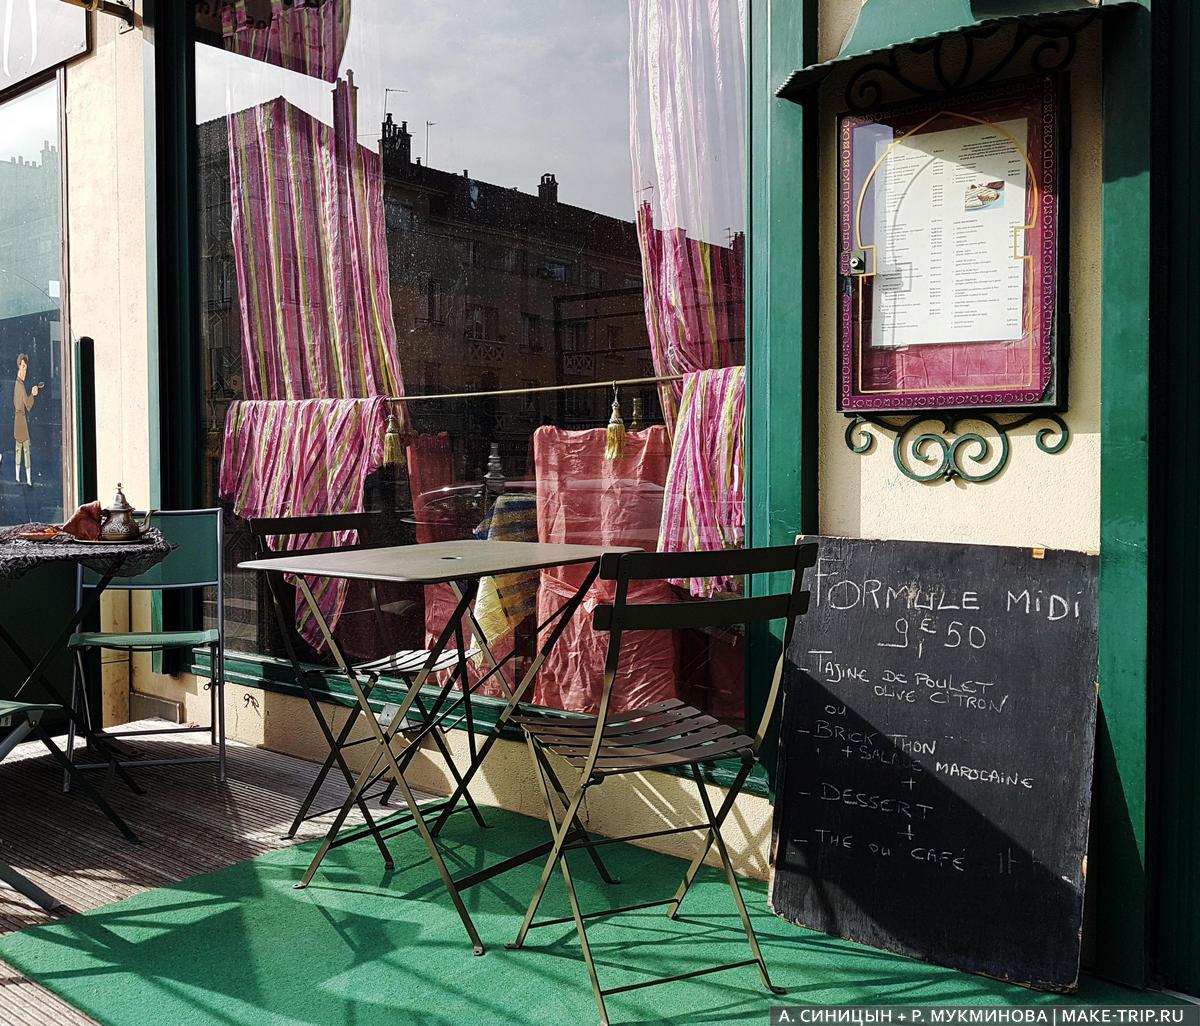 Цены на еду в Париже в кафе